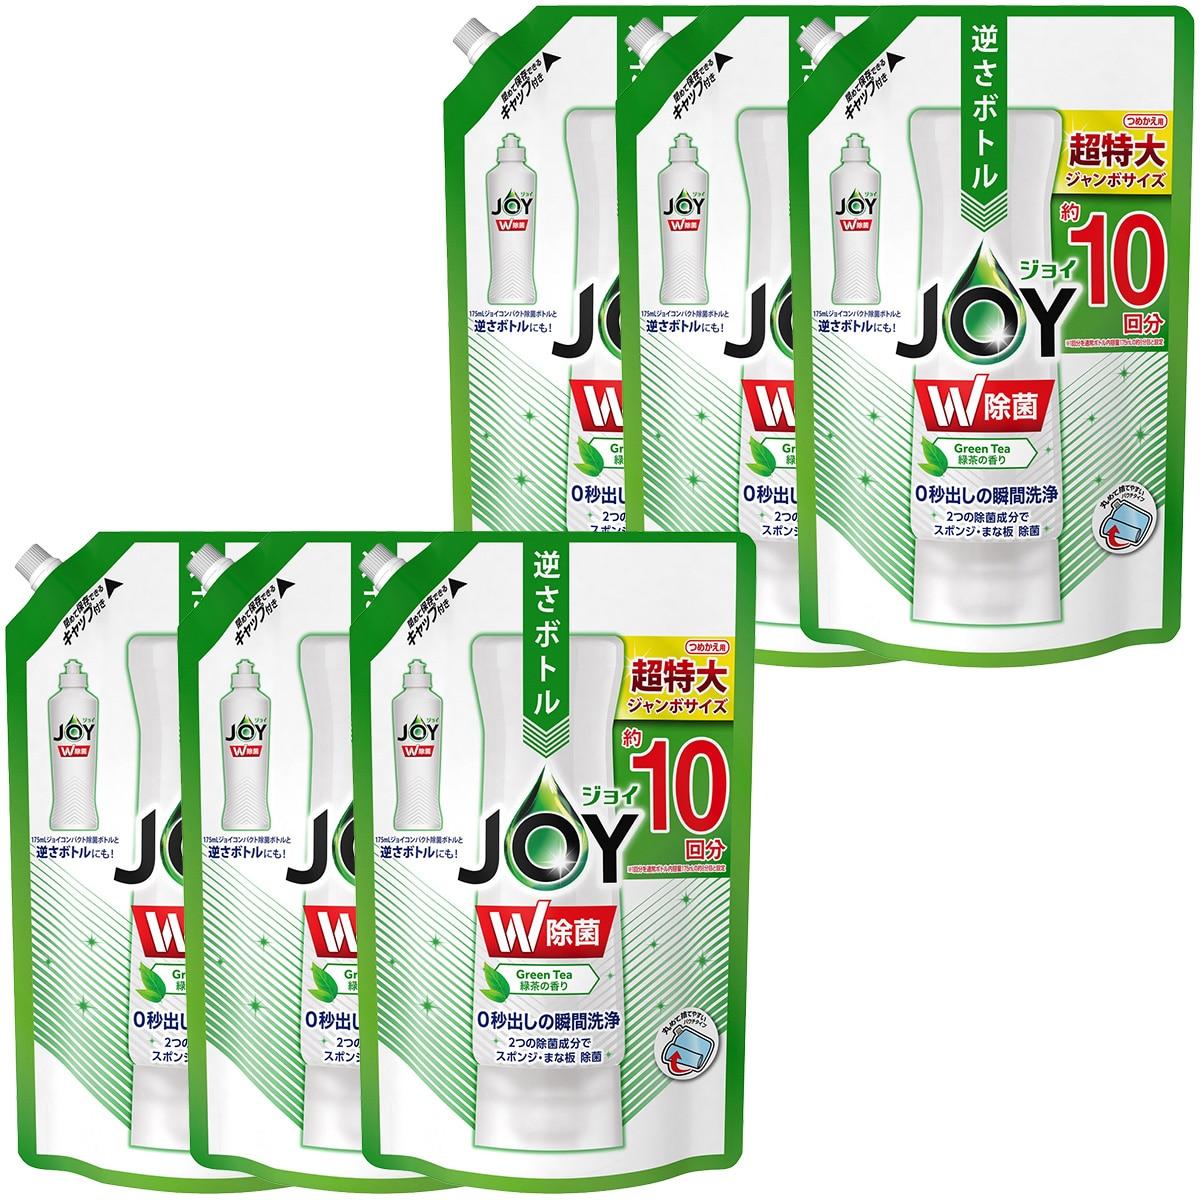 P&G 除菌ジョイ コンパクト 食器用洗剤 緑茶の香り 詰め替え ジャンボ 1330mL×6袋